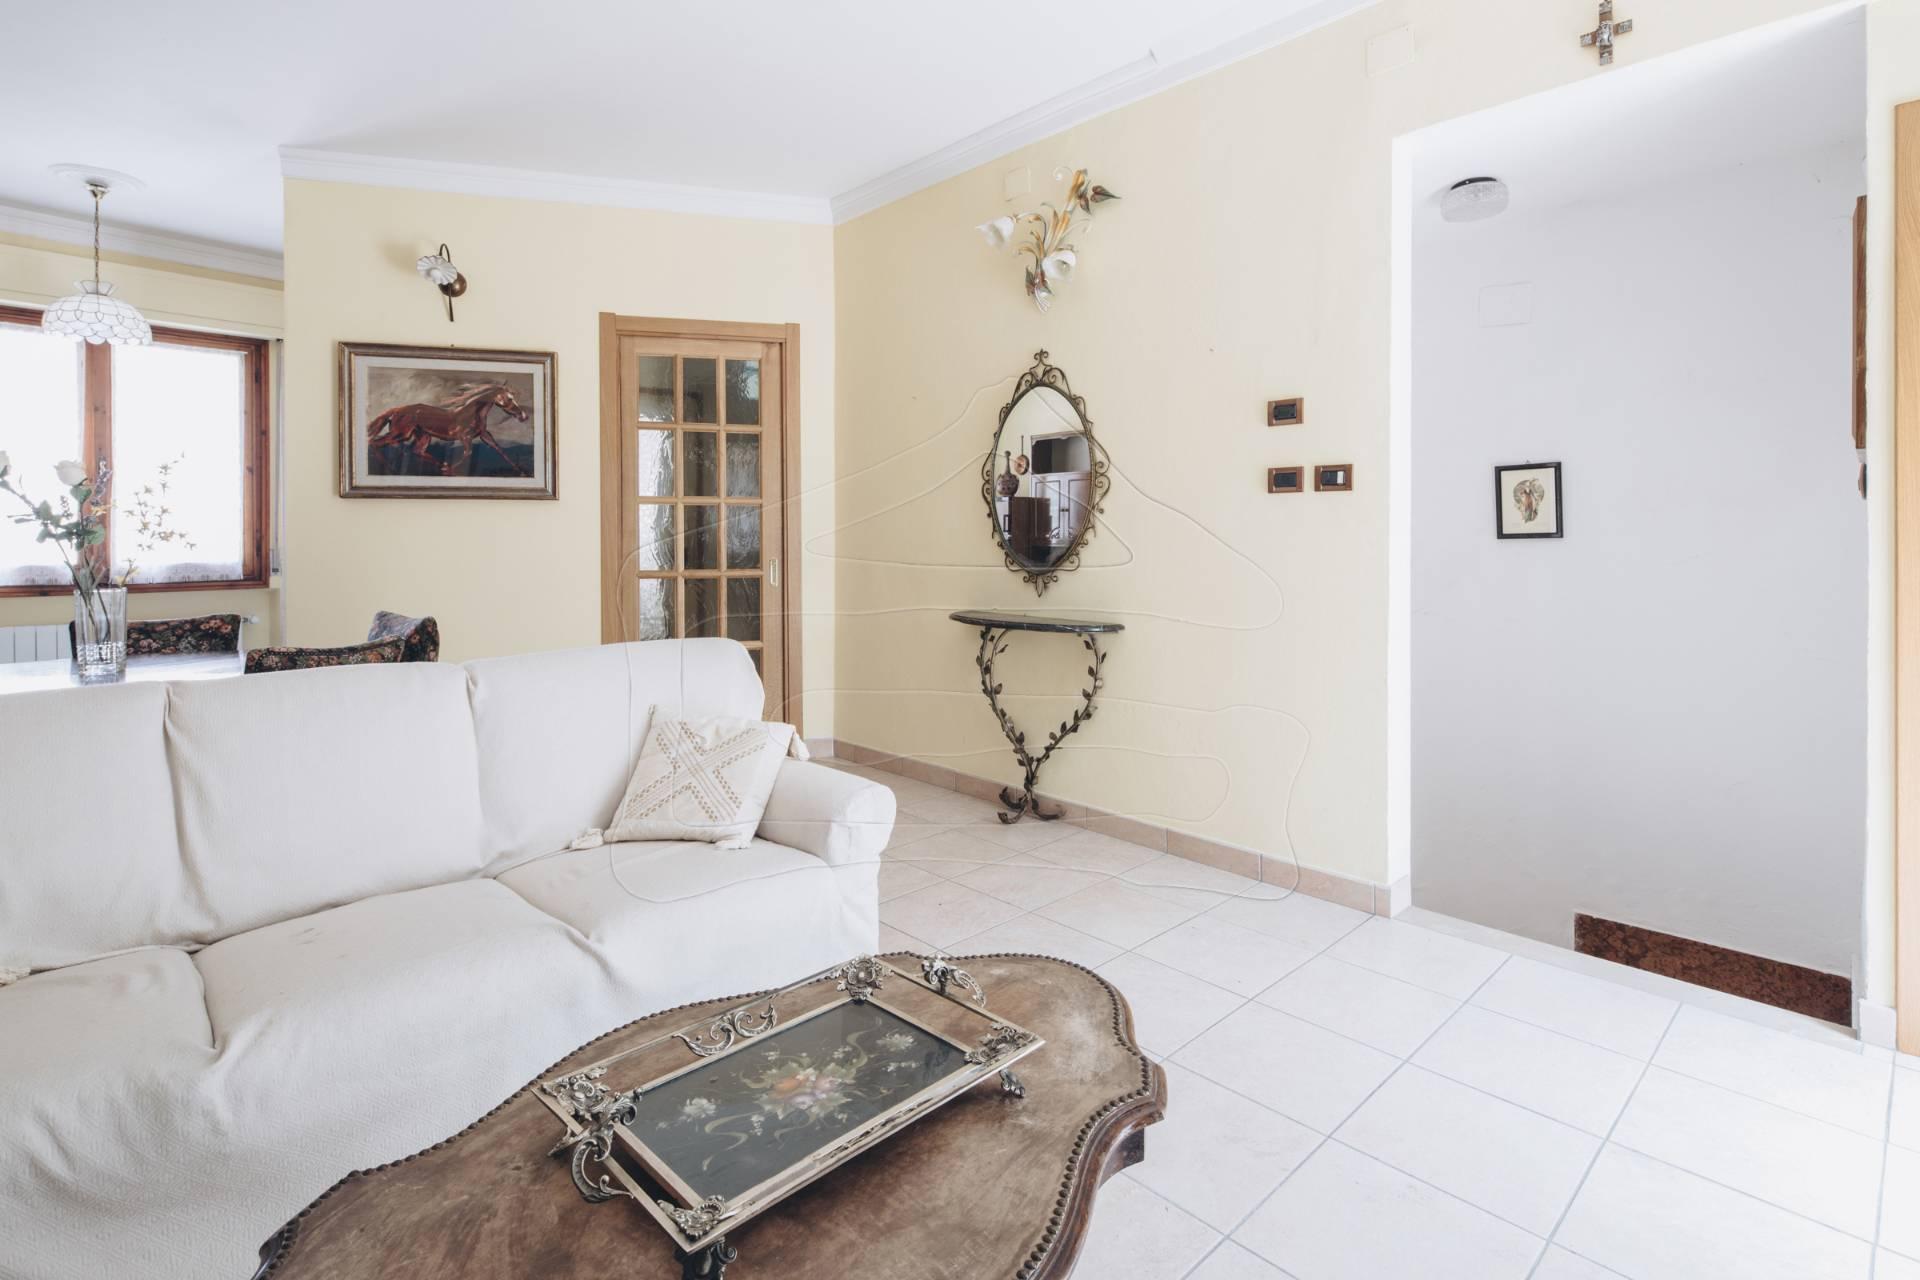 Appartamento in vendita a Castiglione dei Pepoli, 6 locali, prezzo € 120.000   PortaleAgenzieImmobiliari.it